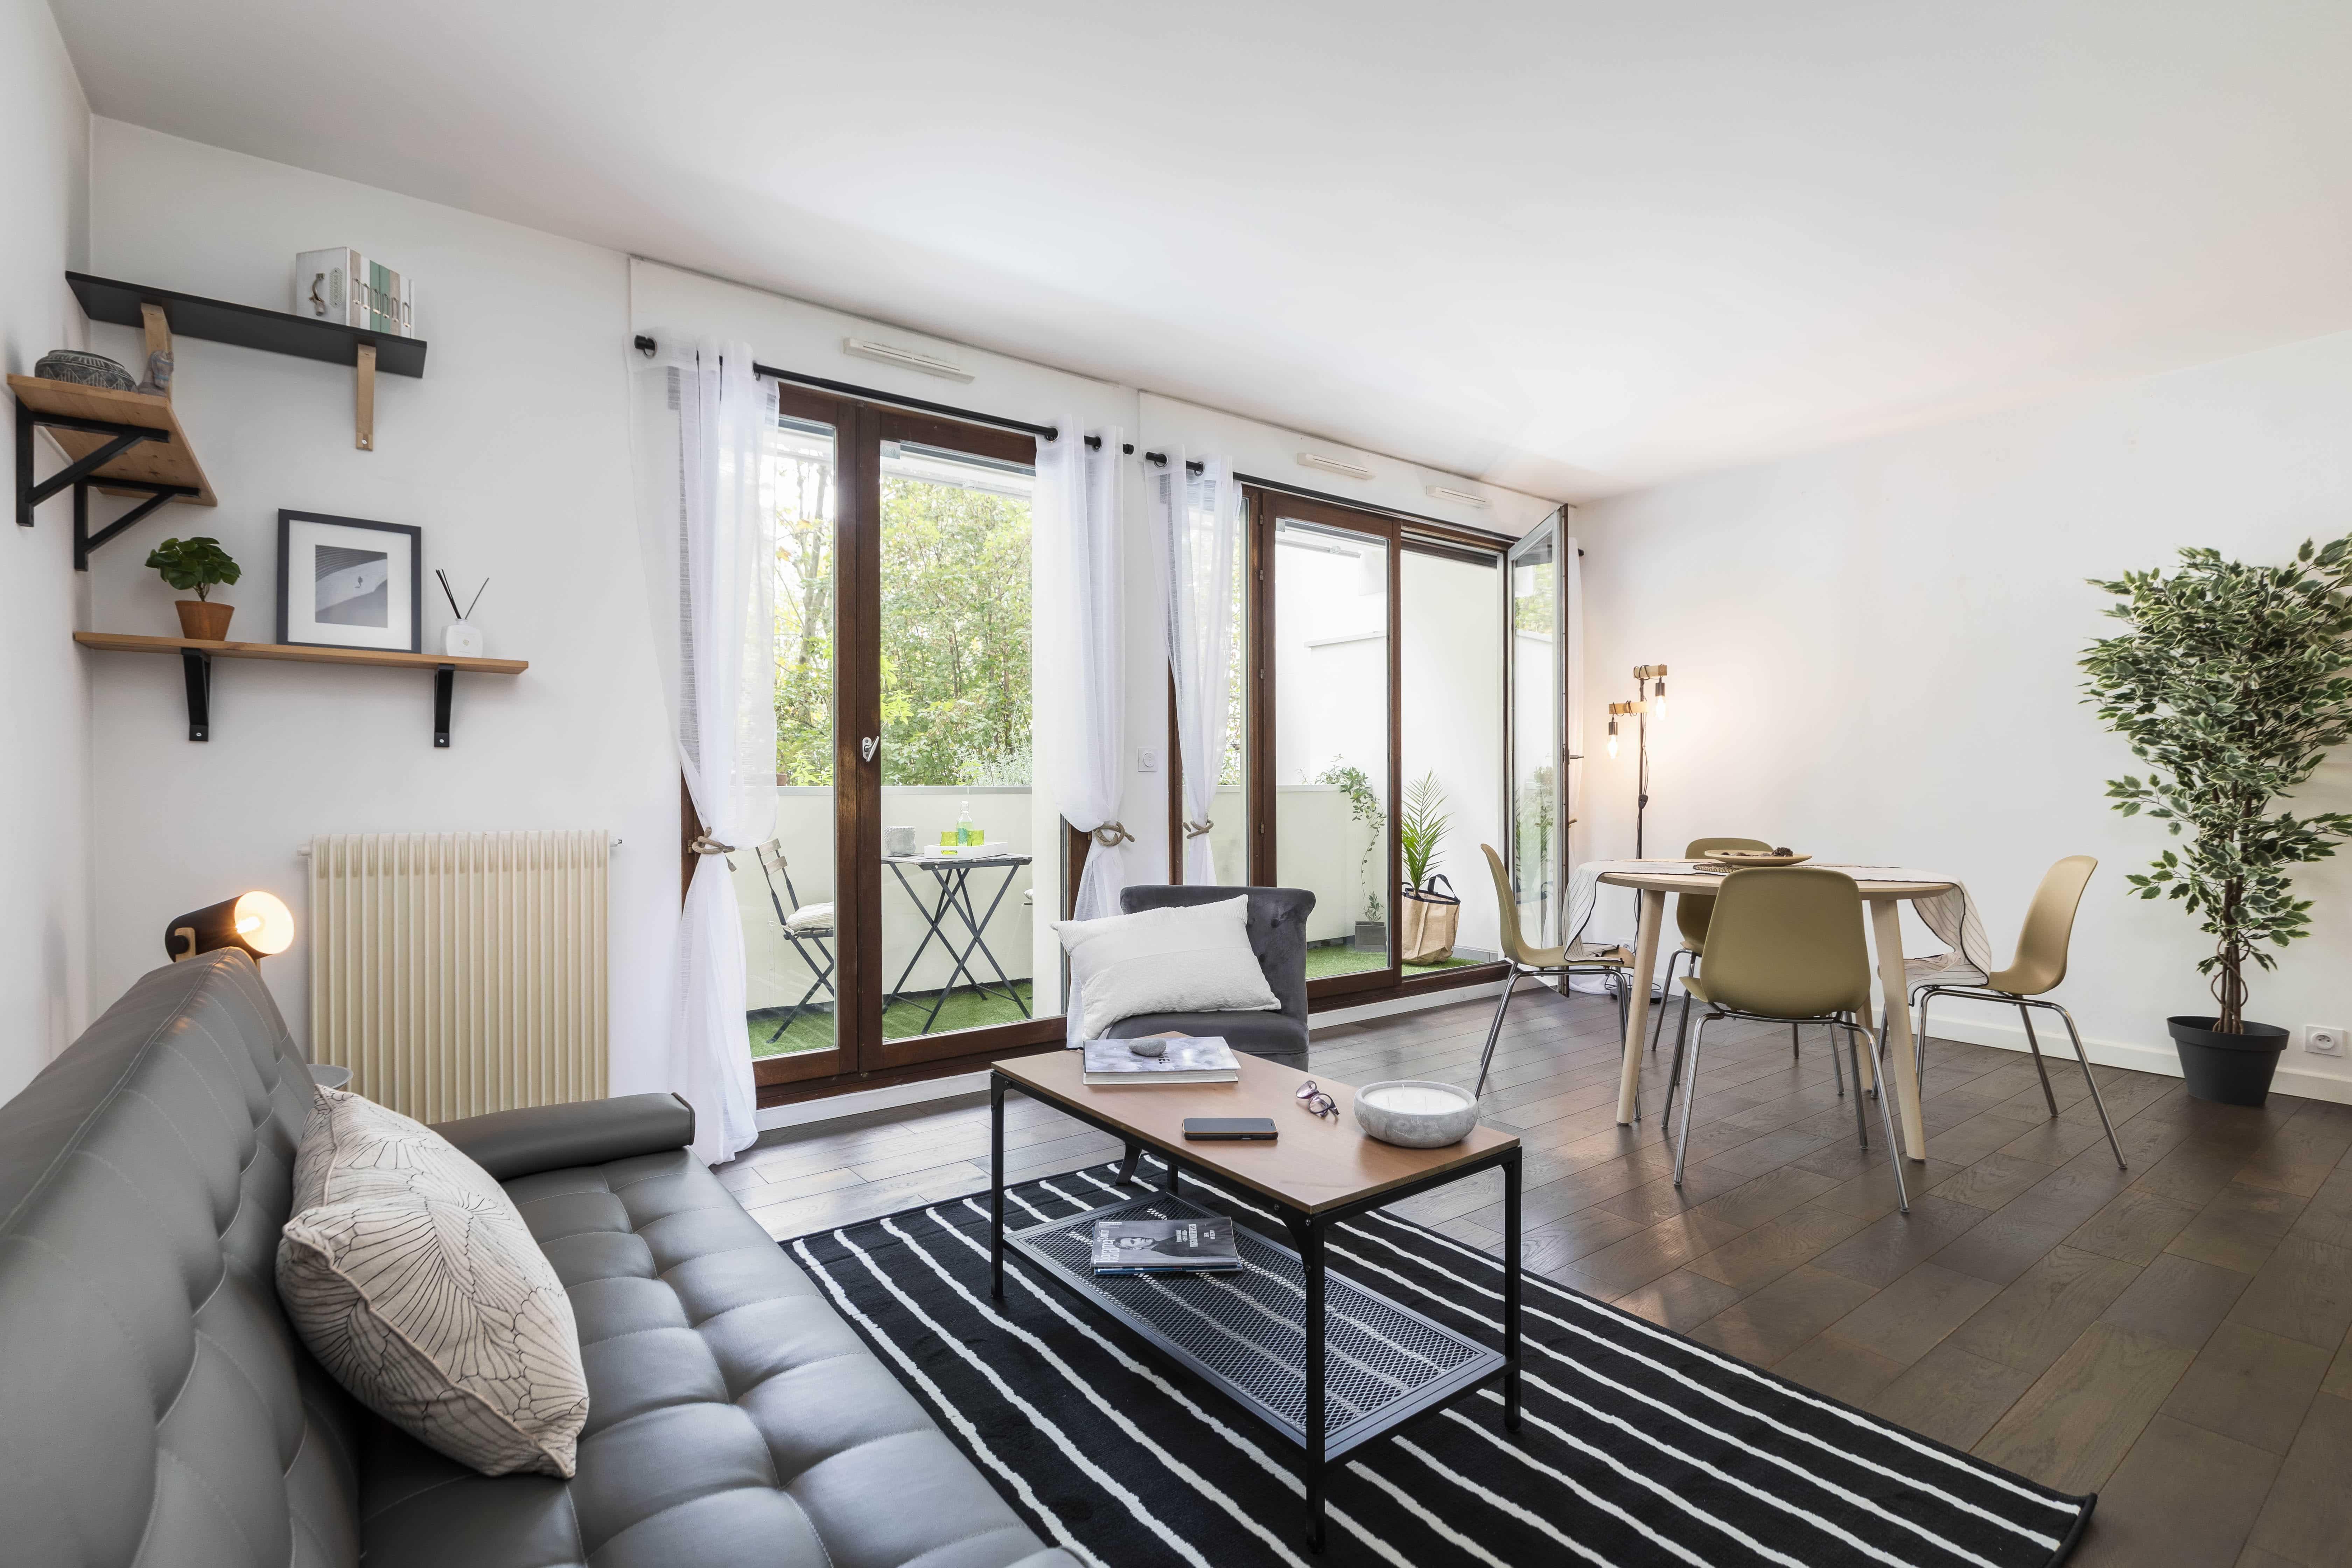 Appartement vendu en 48h après home-staging à Puteaux